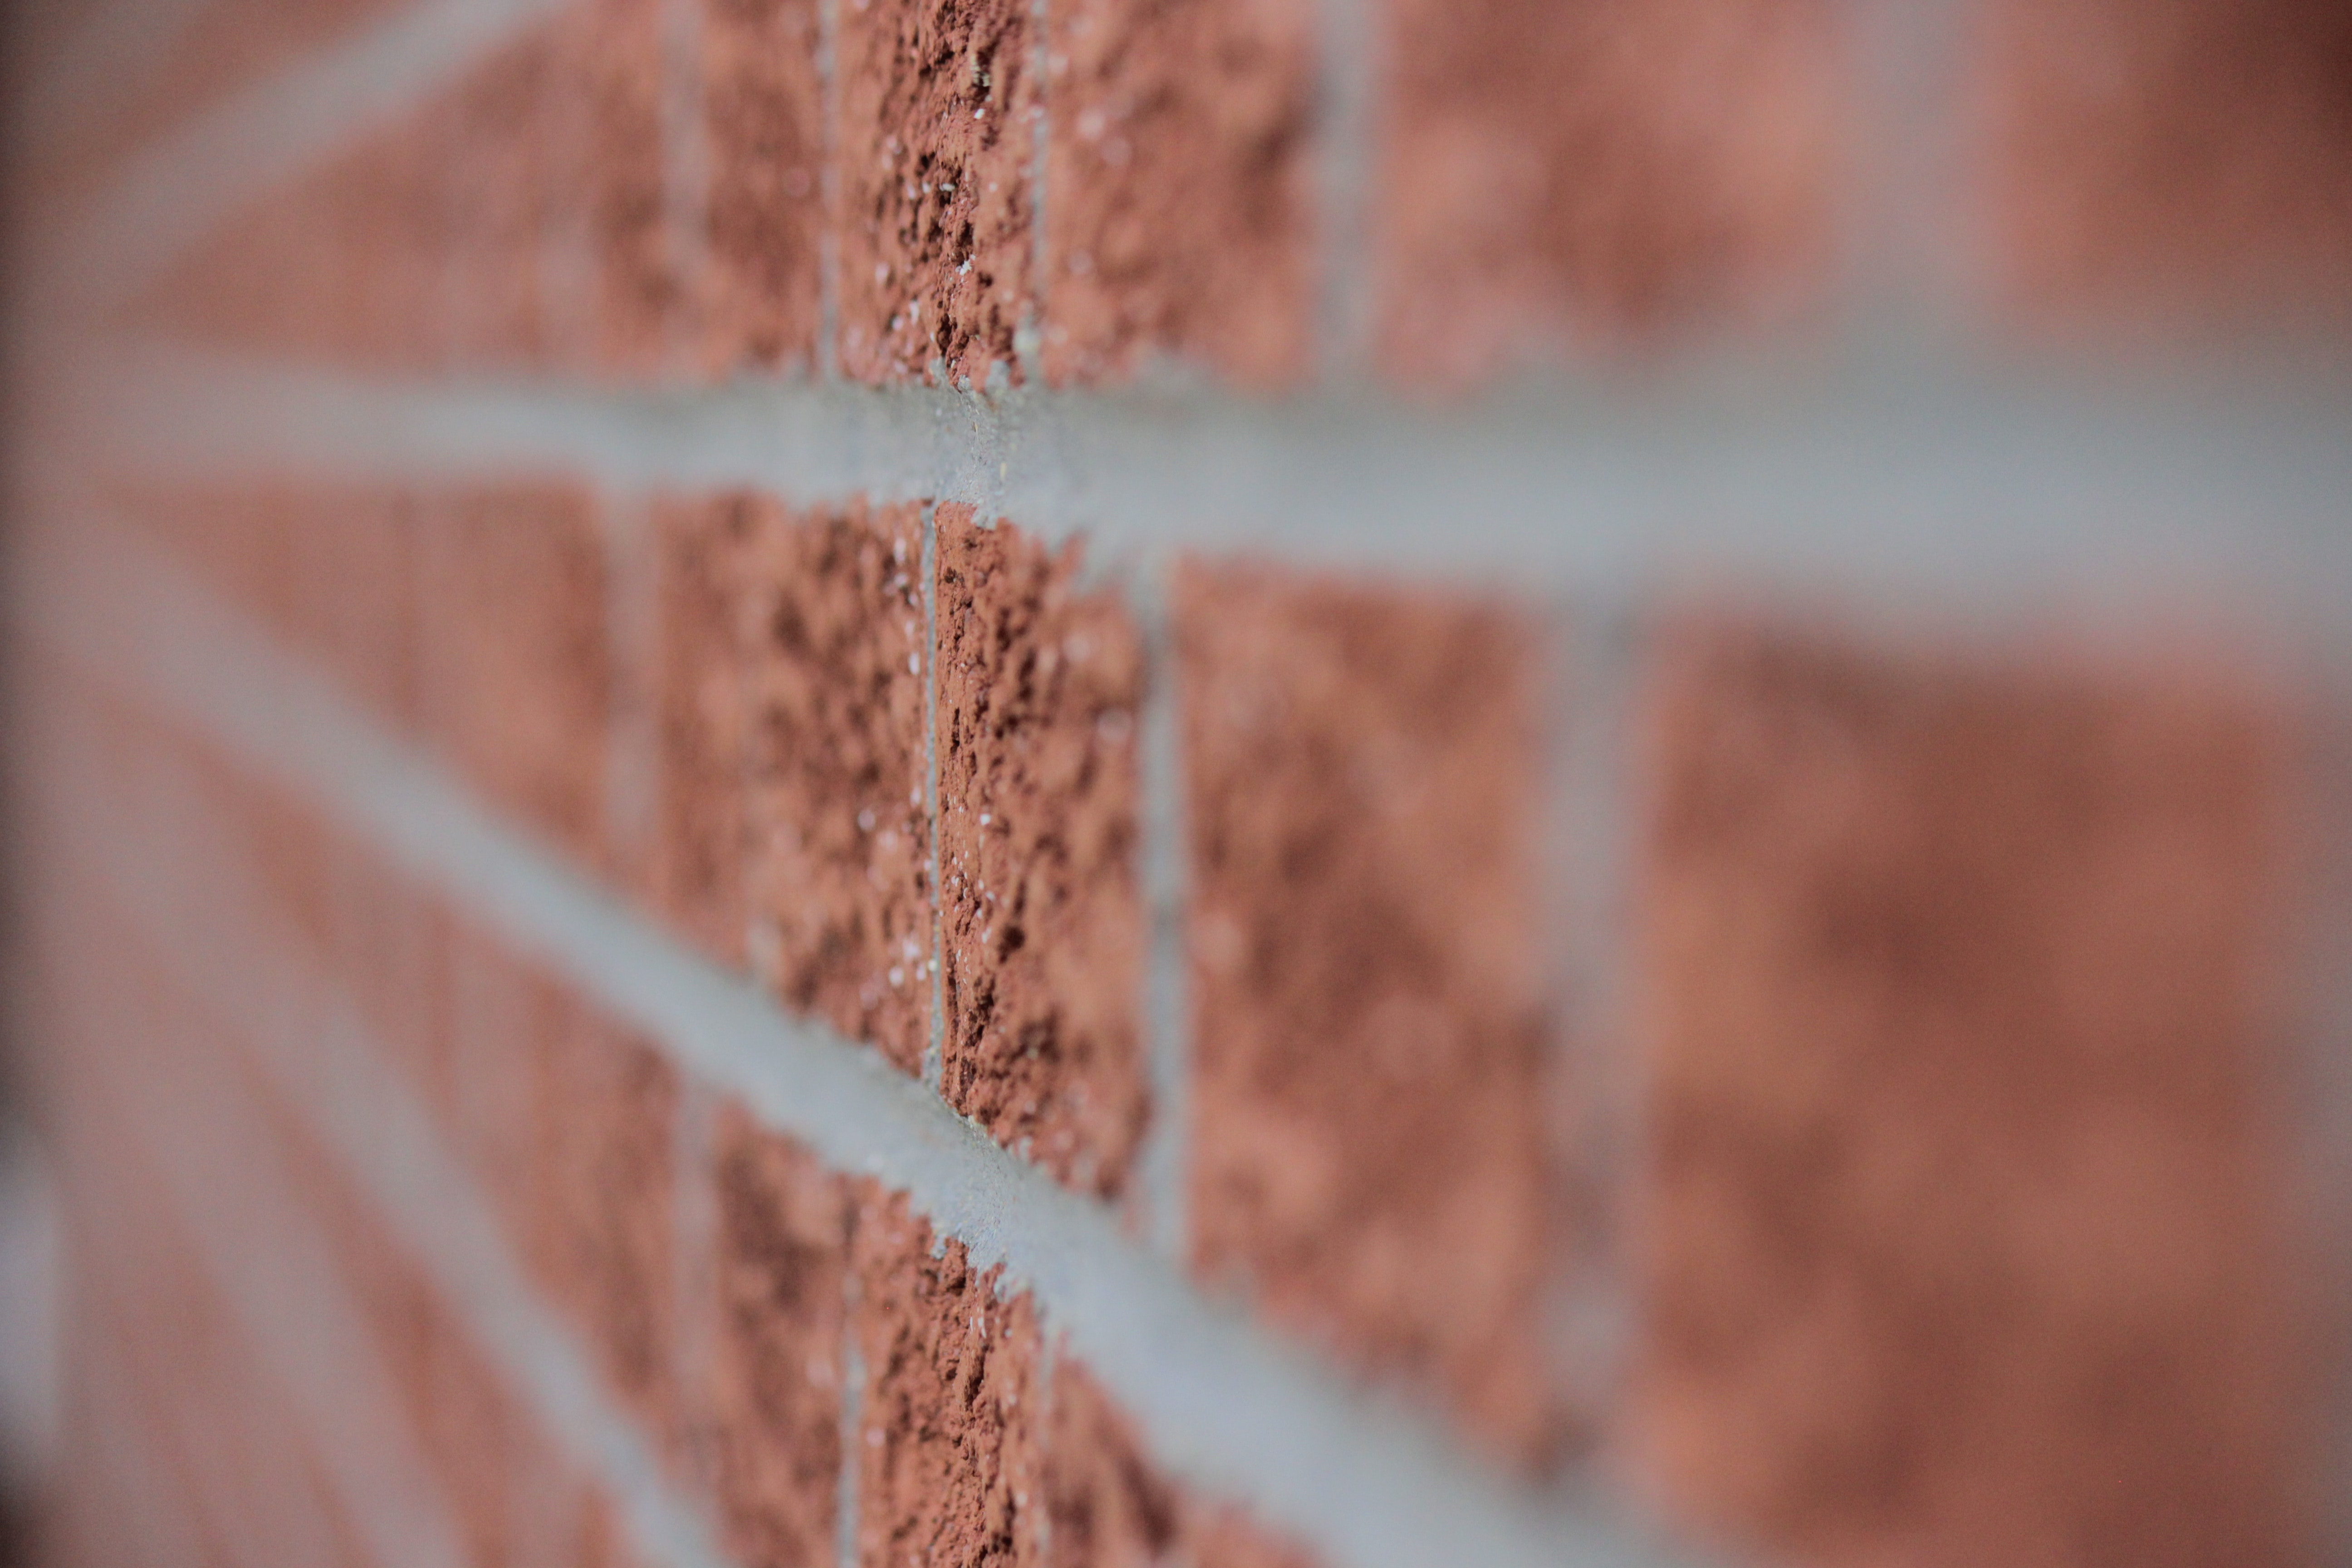 Brown brick wall close up photo